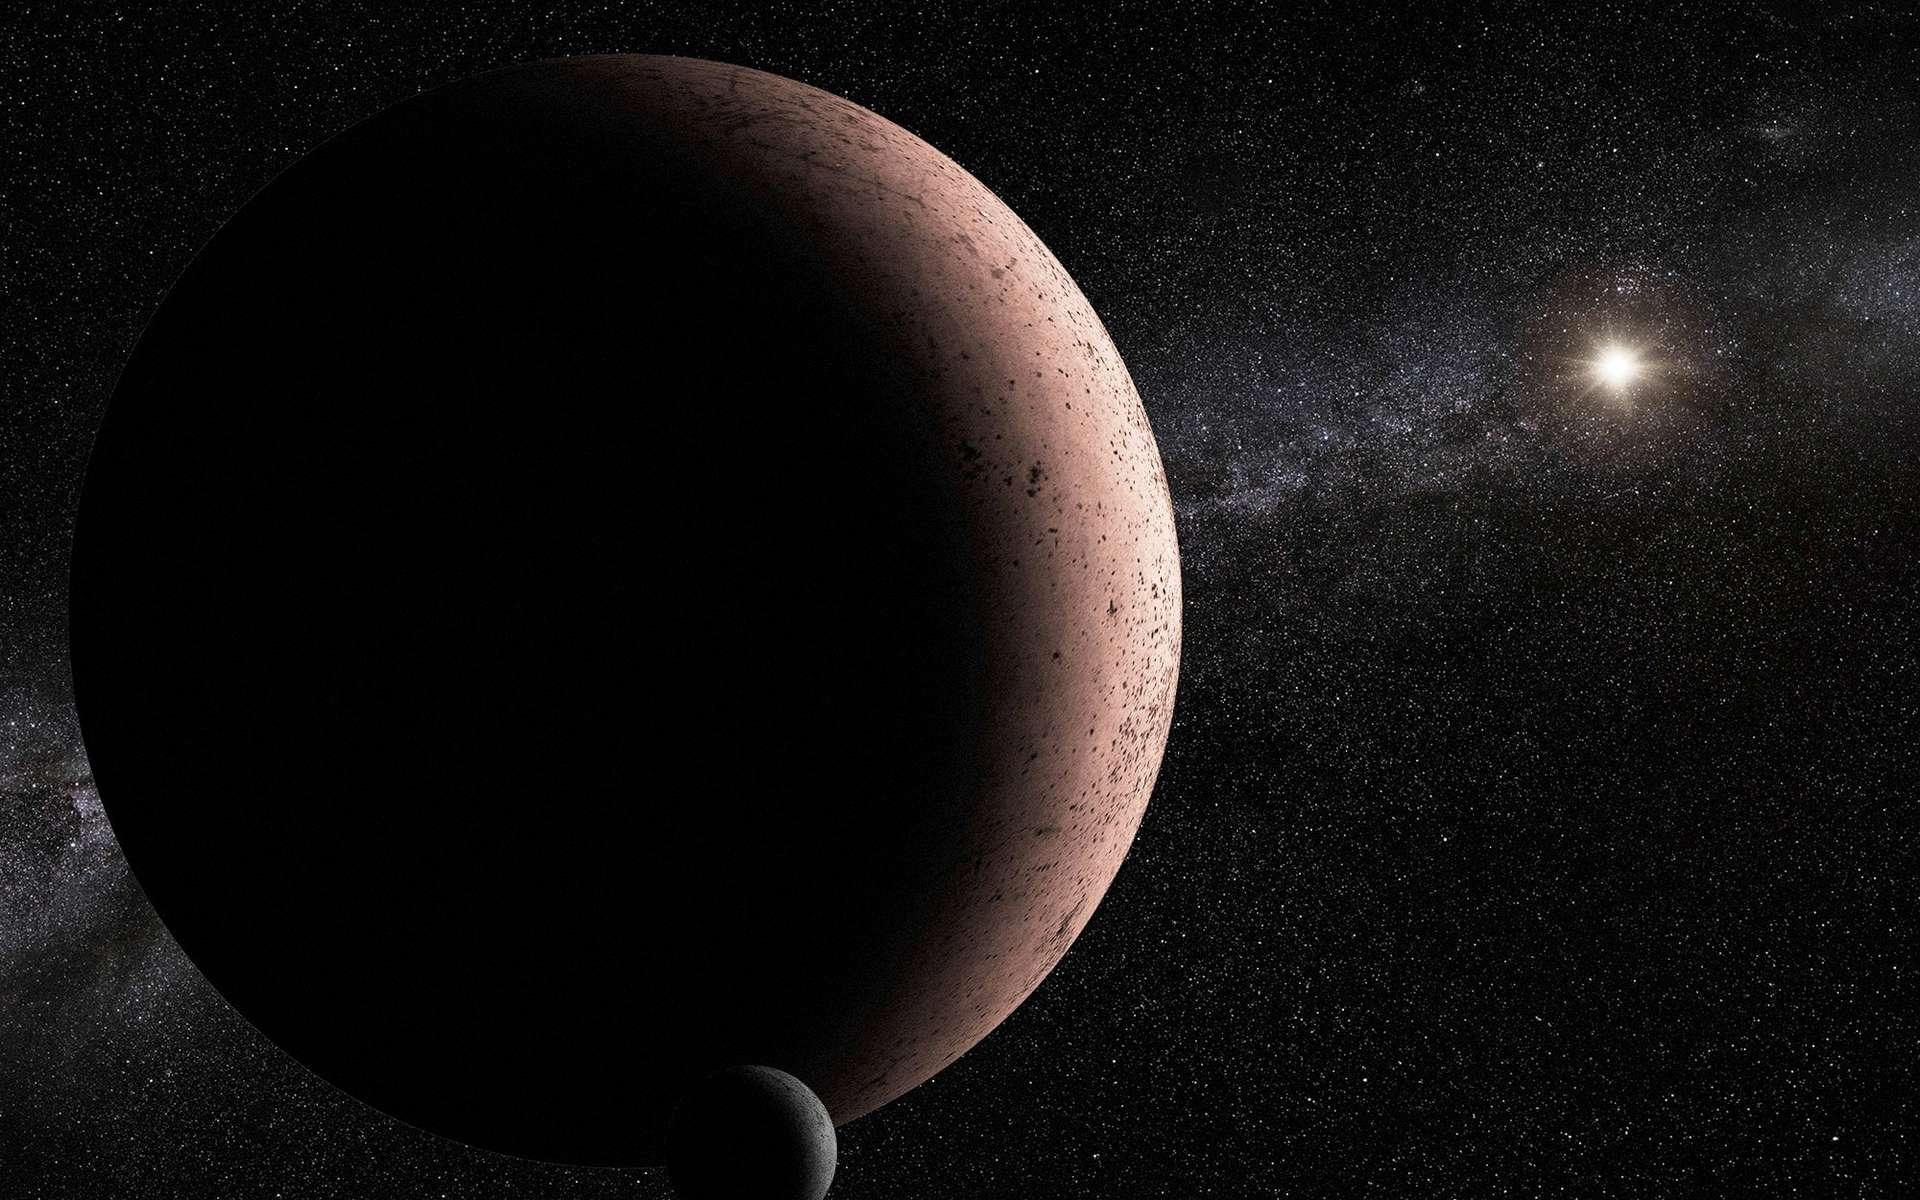 Une vue d'artiste d'une planète naine accompagnée d'un satellite. Parmi celles déjà repérées, plusieurs ont un tel compagnon, comme Éris et Makémaké. Peut-être en est-il de même pour 2015 RR245. © Nasa, Esa et A. Parker (Southwest Research Institute)